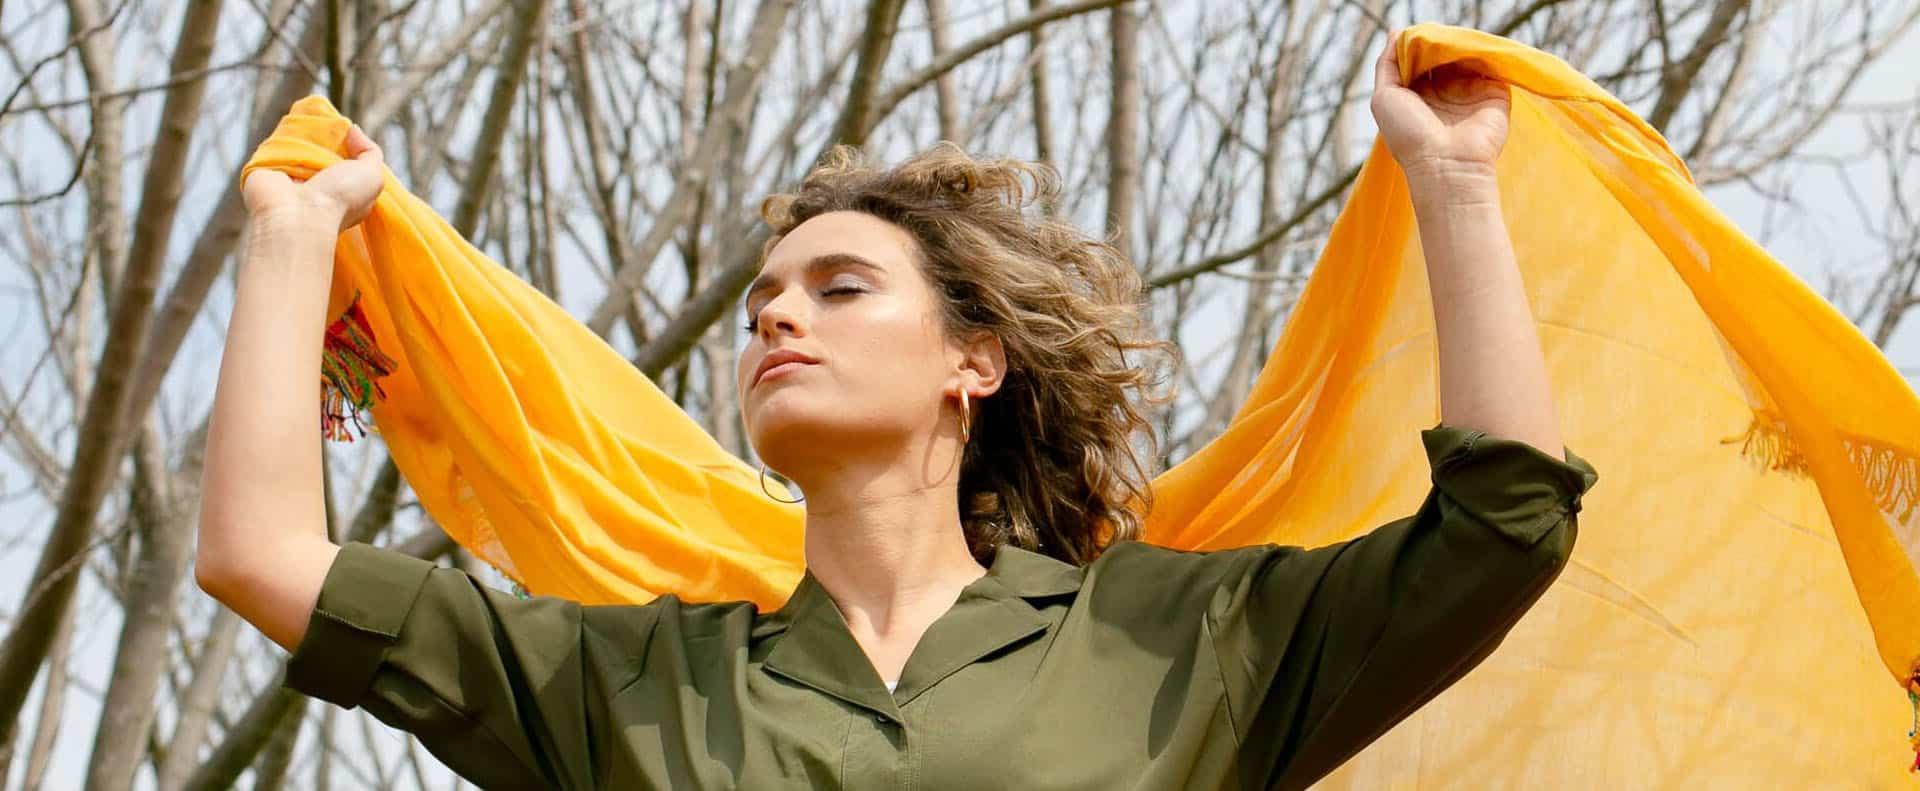 שמלת קשירה,, מעצבת YAEL לירידי האופנה ומתנות החג אסופה מבית שיק מי, צלם שי שגב